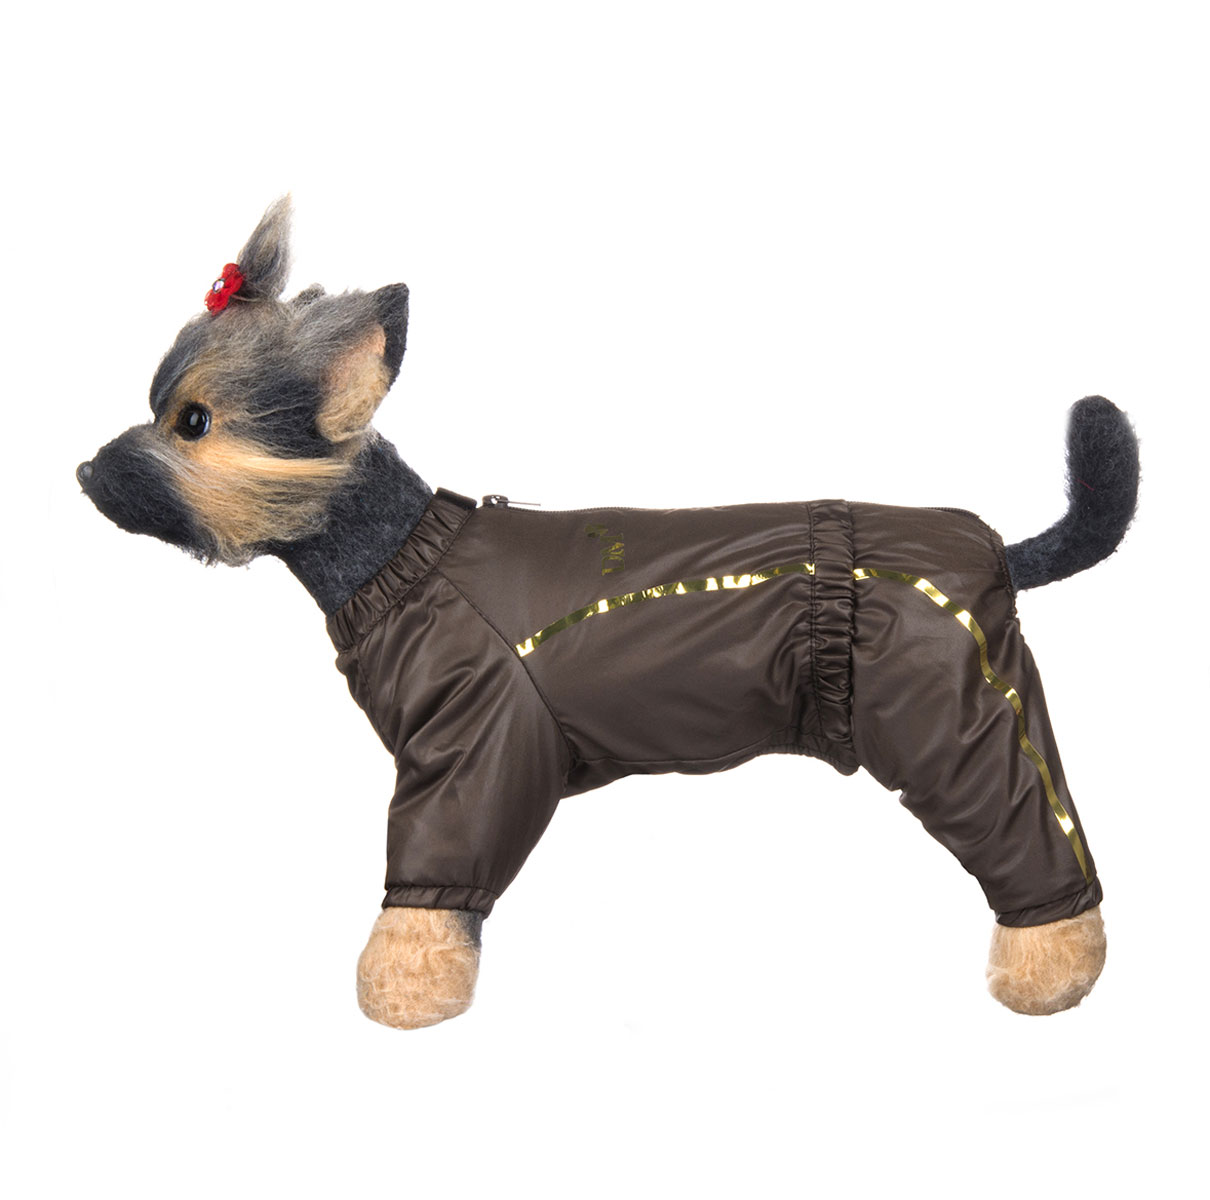 Комбинезон для собак Dogmoda Альпы, для мальчика, цвет: коричневый. Размер 2 (M)DM-150330-2Комбинезон для собак Dogmoda Альпы отлично подойдет для прогулок поздней осенью или ранней весной. Комбинезон изготовлен из полиэстера, защищающего от ветра и осадков, с подкладкой из флиса, которая сохранит тепло и обеспечит отличный воздухообмен. Комбинезон застегивается на молнию и липучку, благодаря чему его легко надевать и снимать. Ворот, низ рукавов и брючин оснащены внутренними резинками, которые мягко обхватывают шею и лапки, не позволяя просачиваться холодному воздуху. На пояснице имеется внутренняя резинка. Изделие декорировано золотистыми полосками и надписью DM.Благодаря такому комбинезону простуда не грозит вашему питомцу и он не даст любимцу продрогнуть на прогулке.Одежда для собак: нужна ли она и как её выбрать. Статья OZON Гид